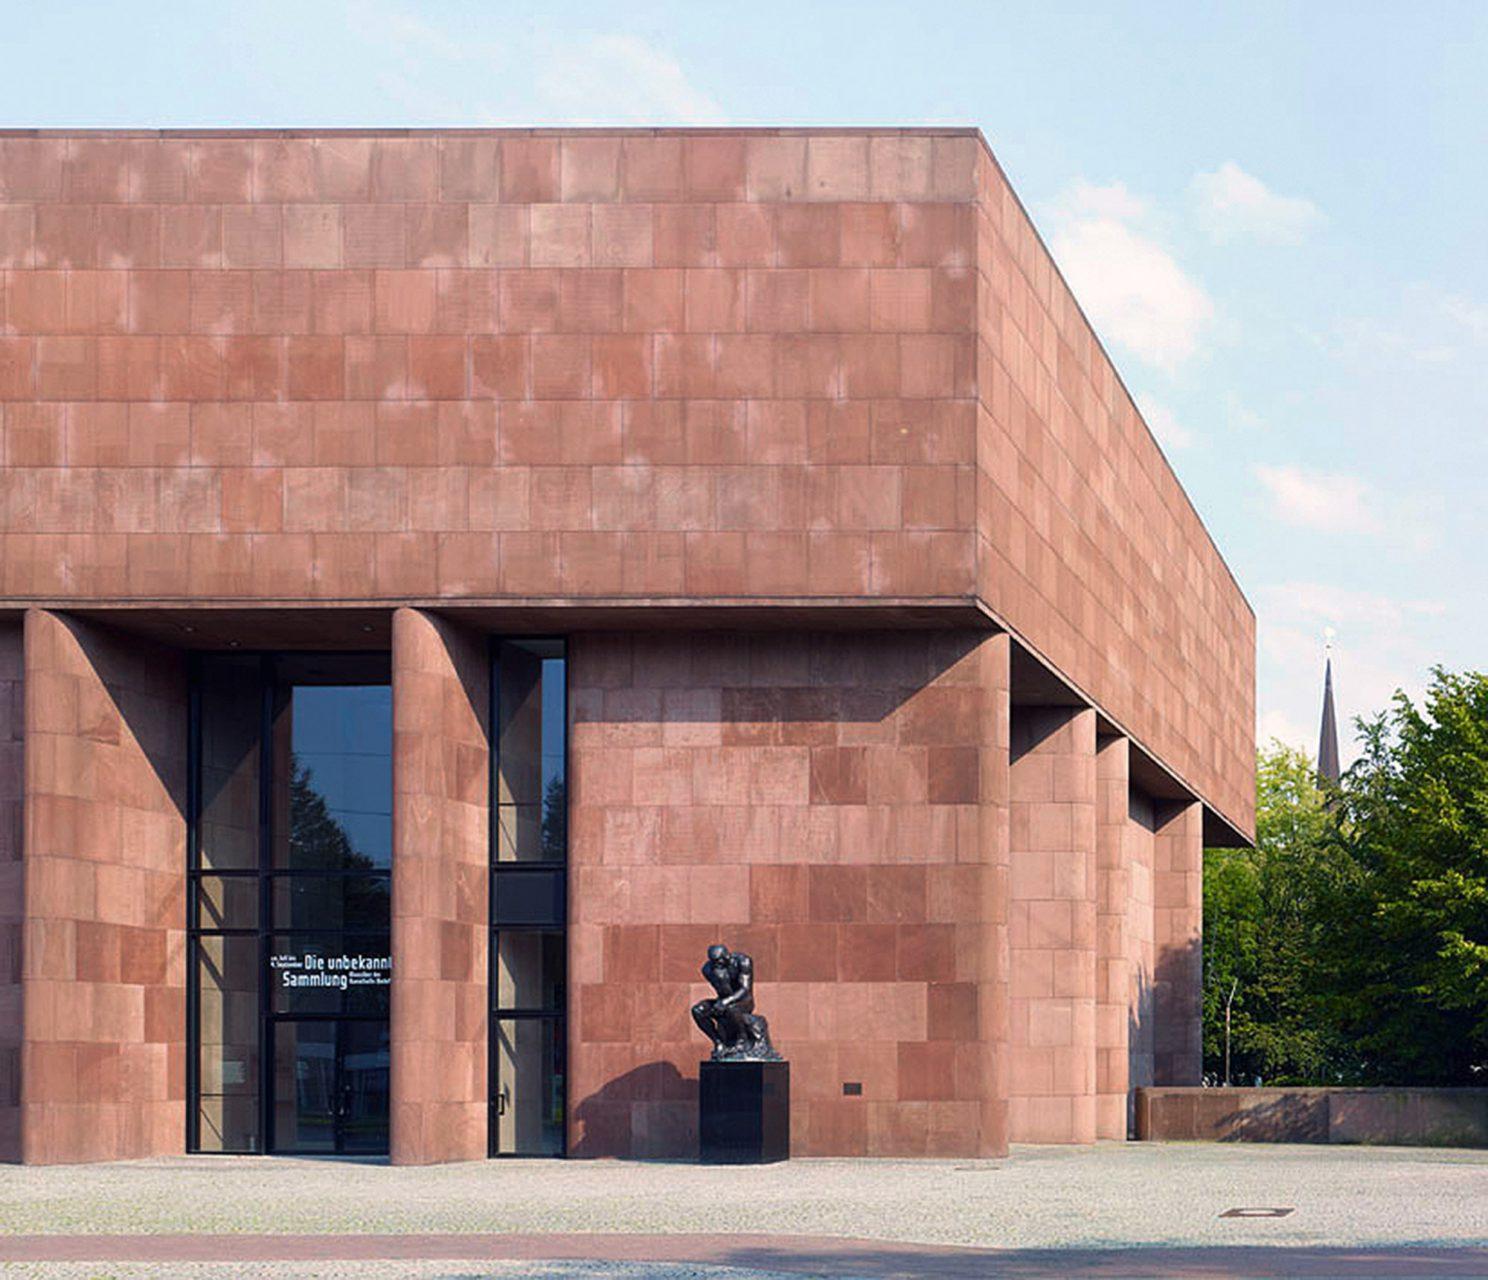 Die Hülle.  Philip Johnson und Museumsdirektor von Moltke entdeckten den roten Main-Sandstein an einem Bankgebäude in der Nähe des Bauplatzes und entschieden sich, diesen auch für die Kunsthalle zu verwenden.